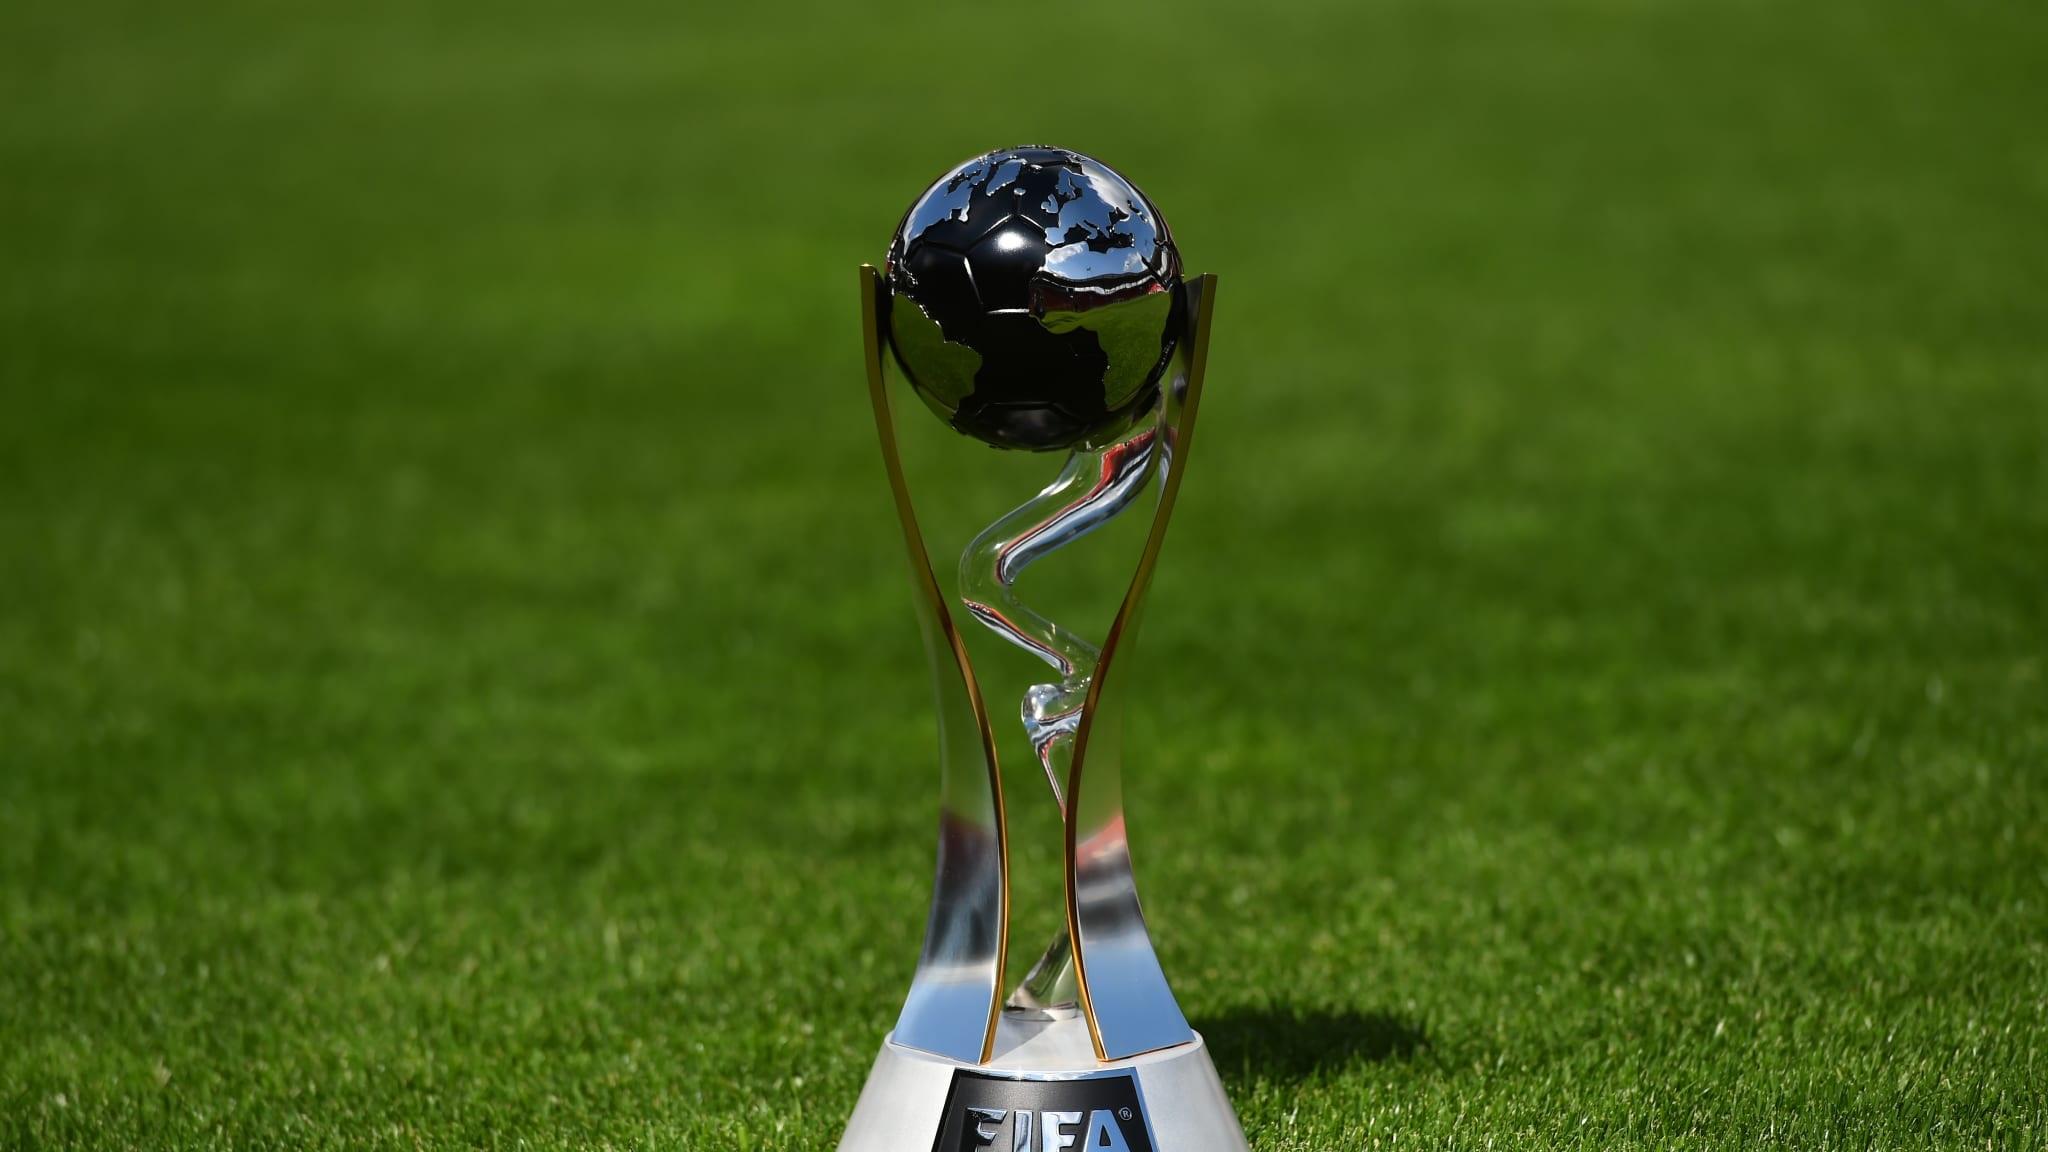 La FIFA aplazó el Mundial Sub 20 y Sub 17 por el COVID-19